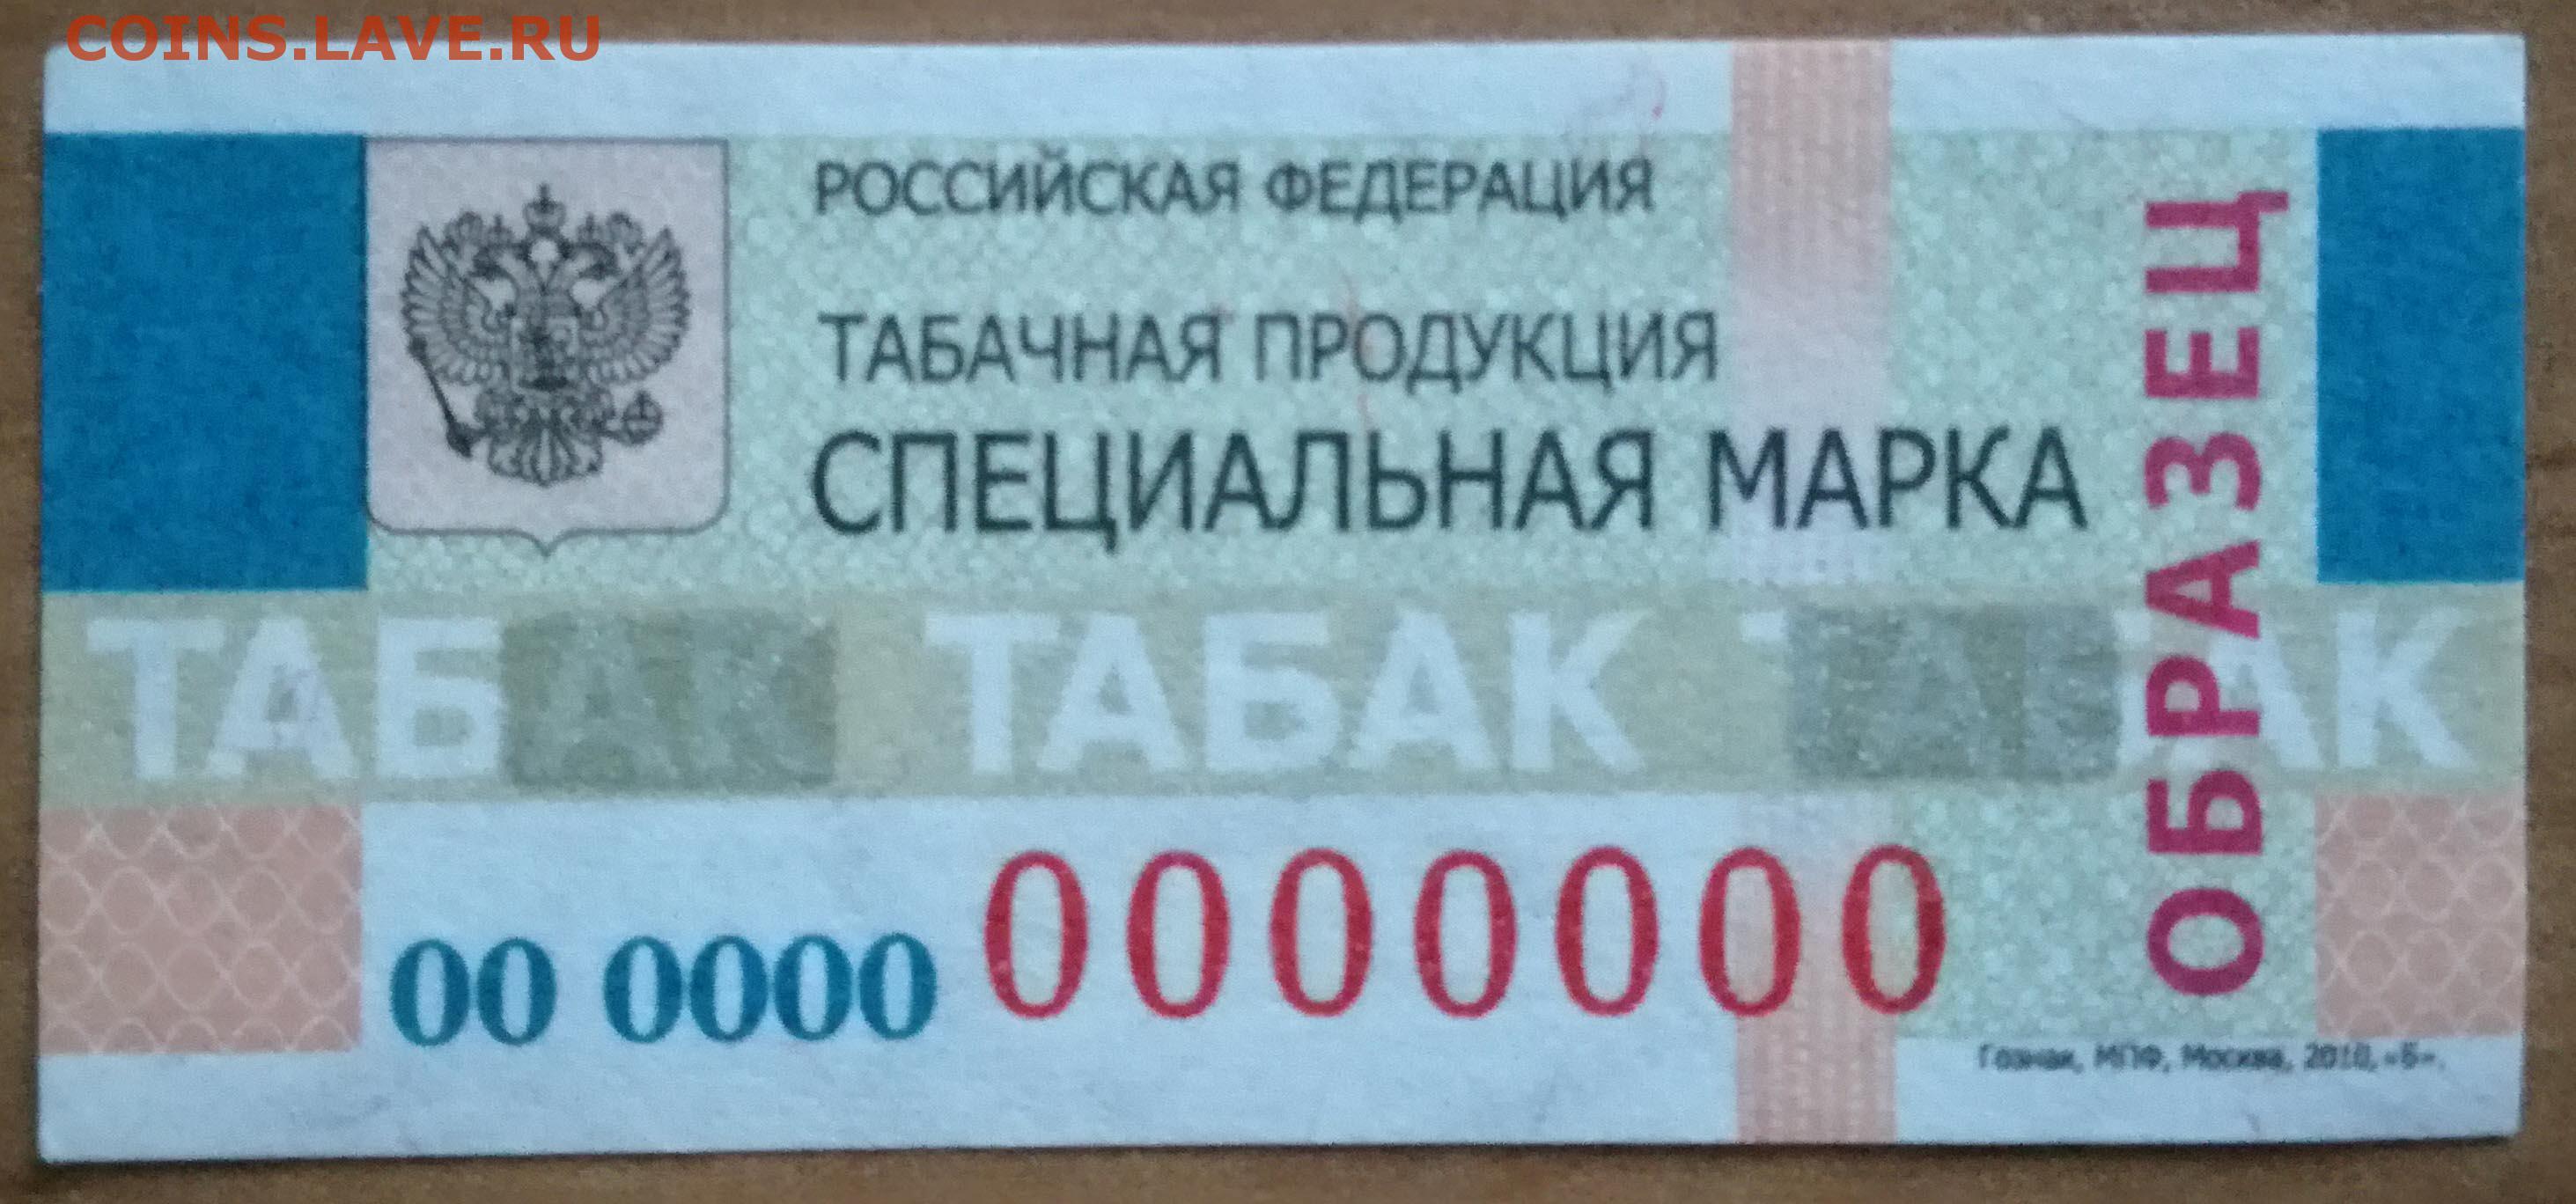 Акцизная марка на табачные изделия в россии предлагают табачные изделия